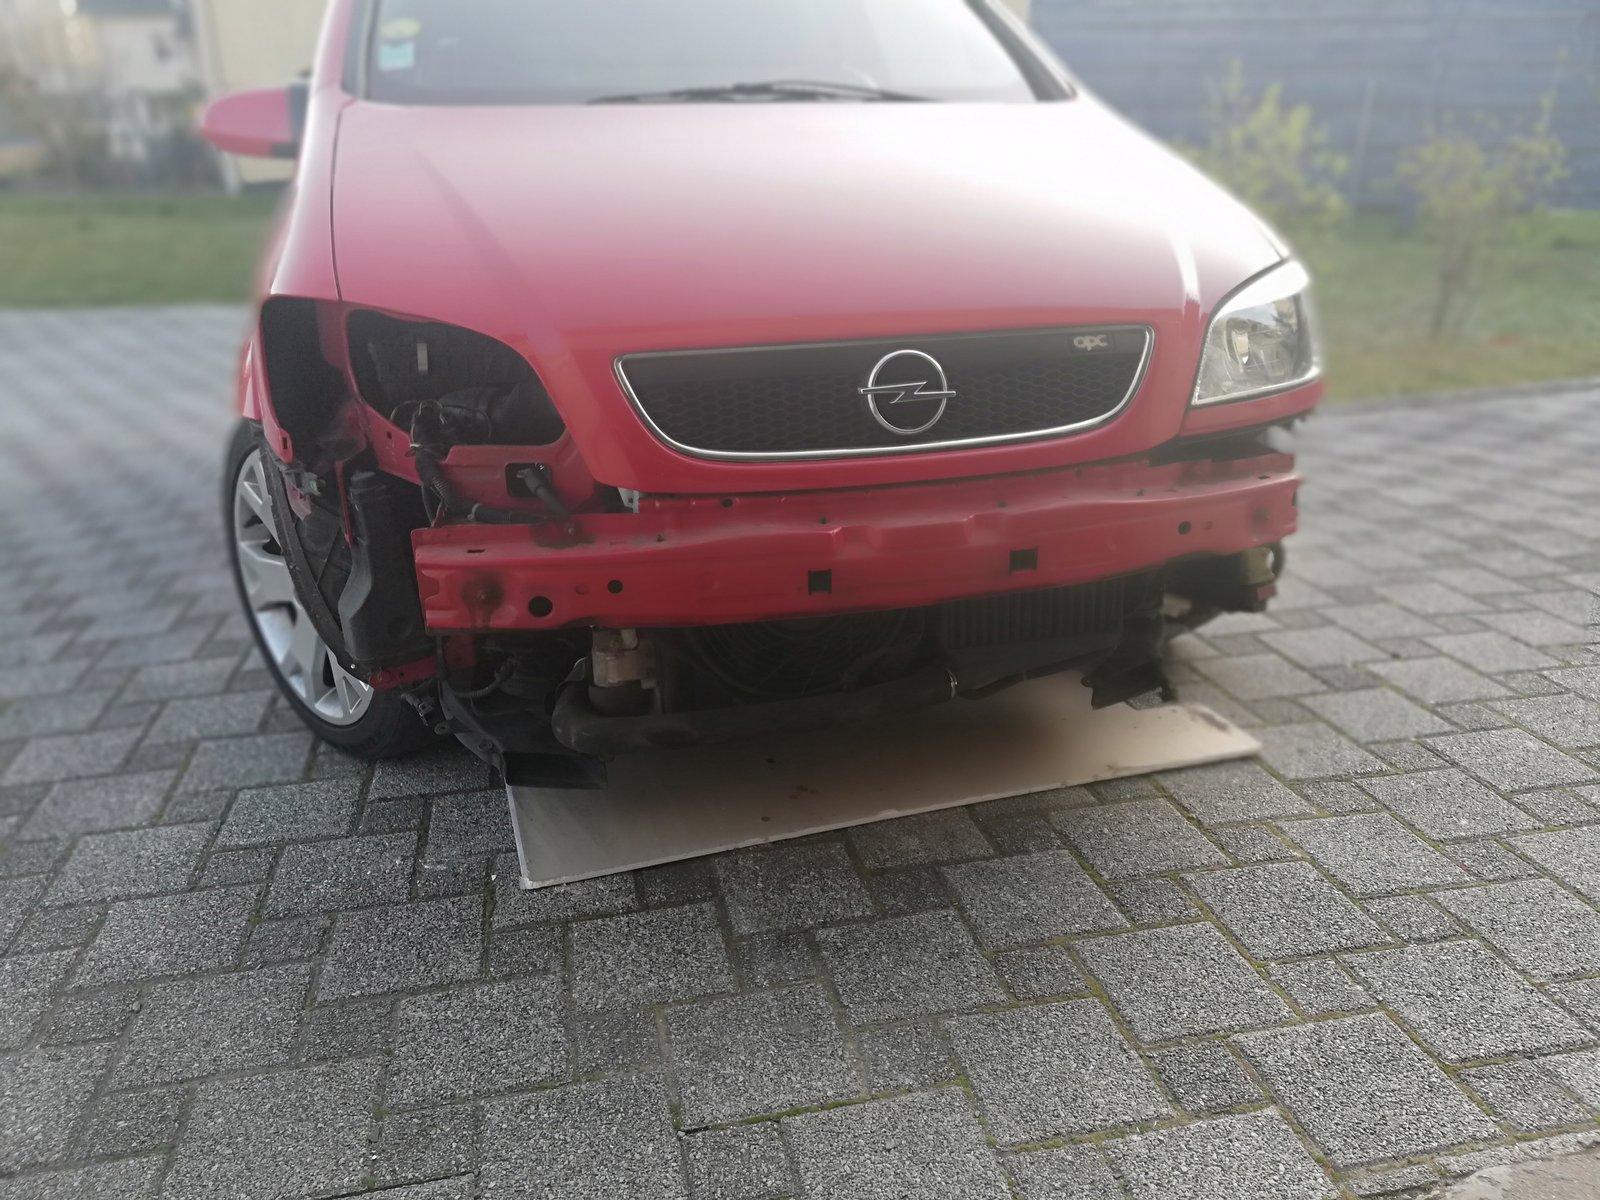 Zafira A OPC rouge 2003 {Opel67} - Page 3 200814112836115605